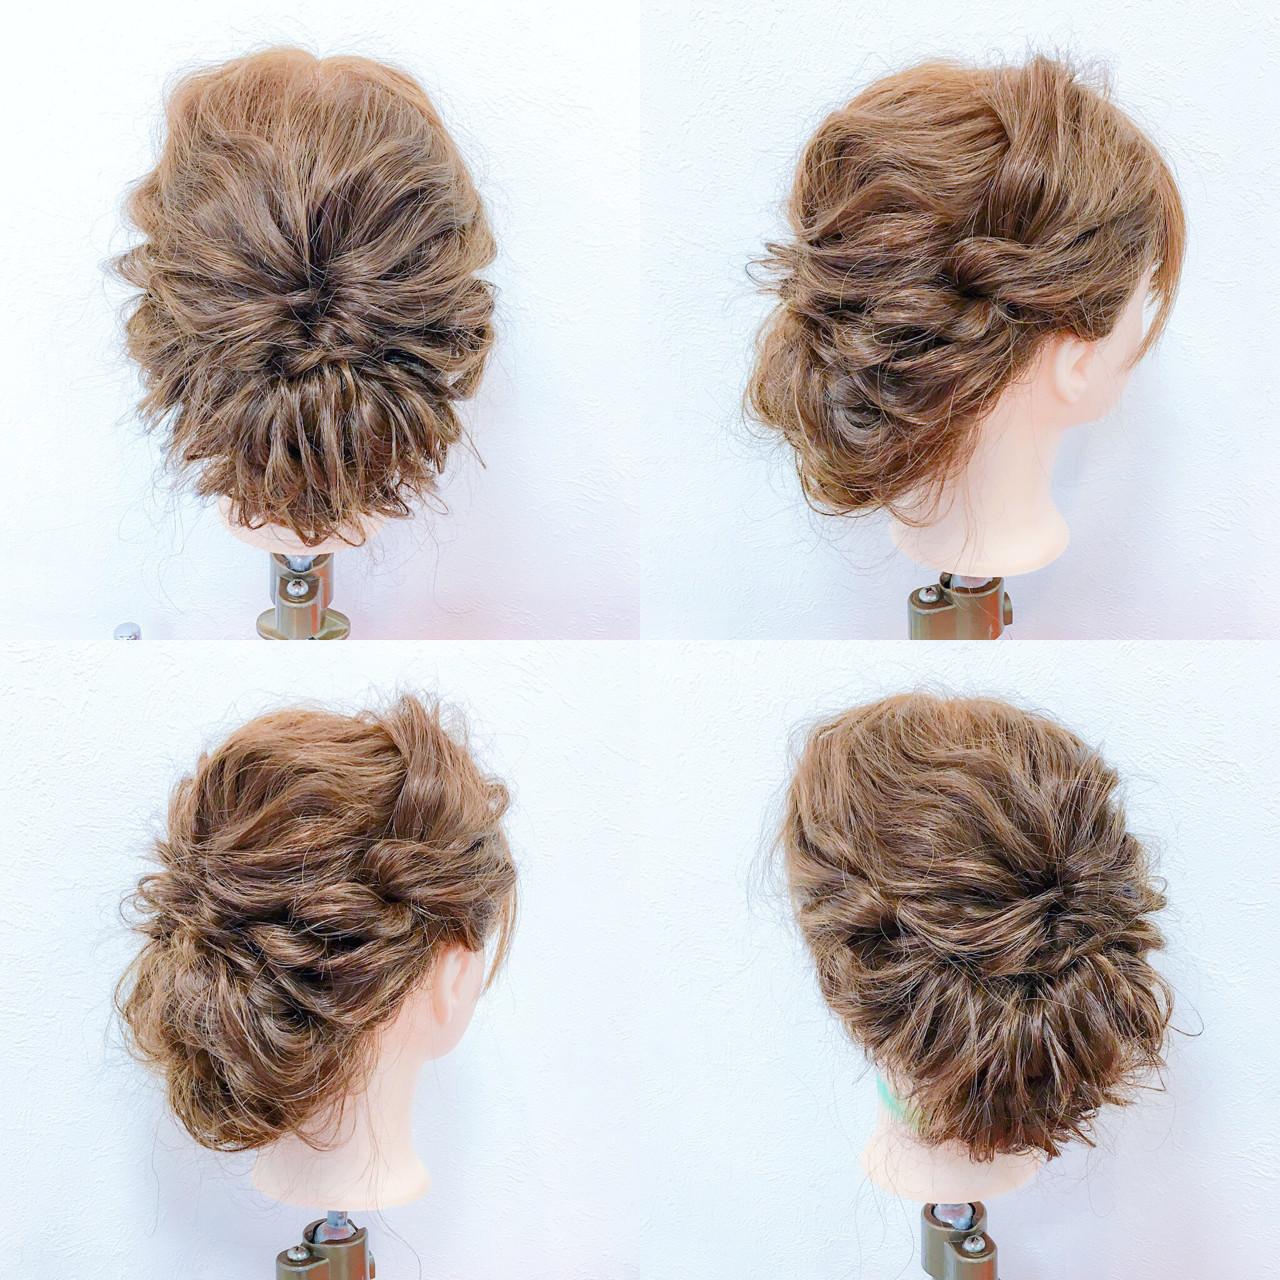 ミディアム ヘアアレンジ 大人かわいい 結婚式 ヘアスタイルや髪型の写真・画像